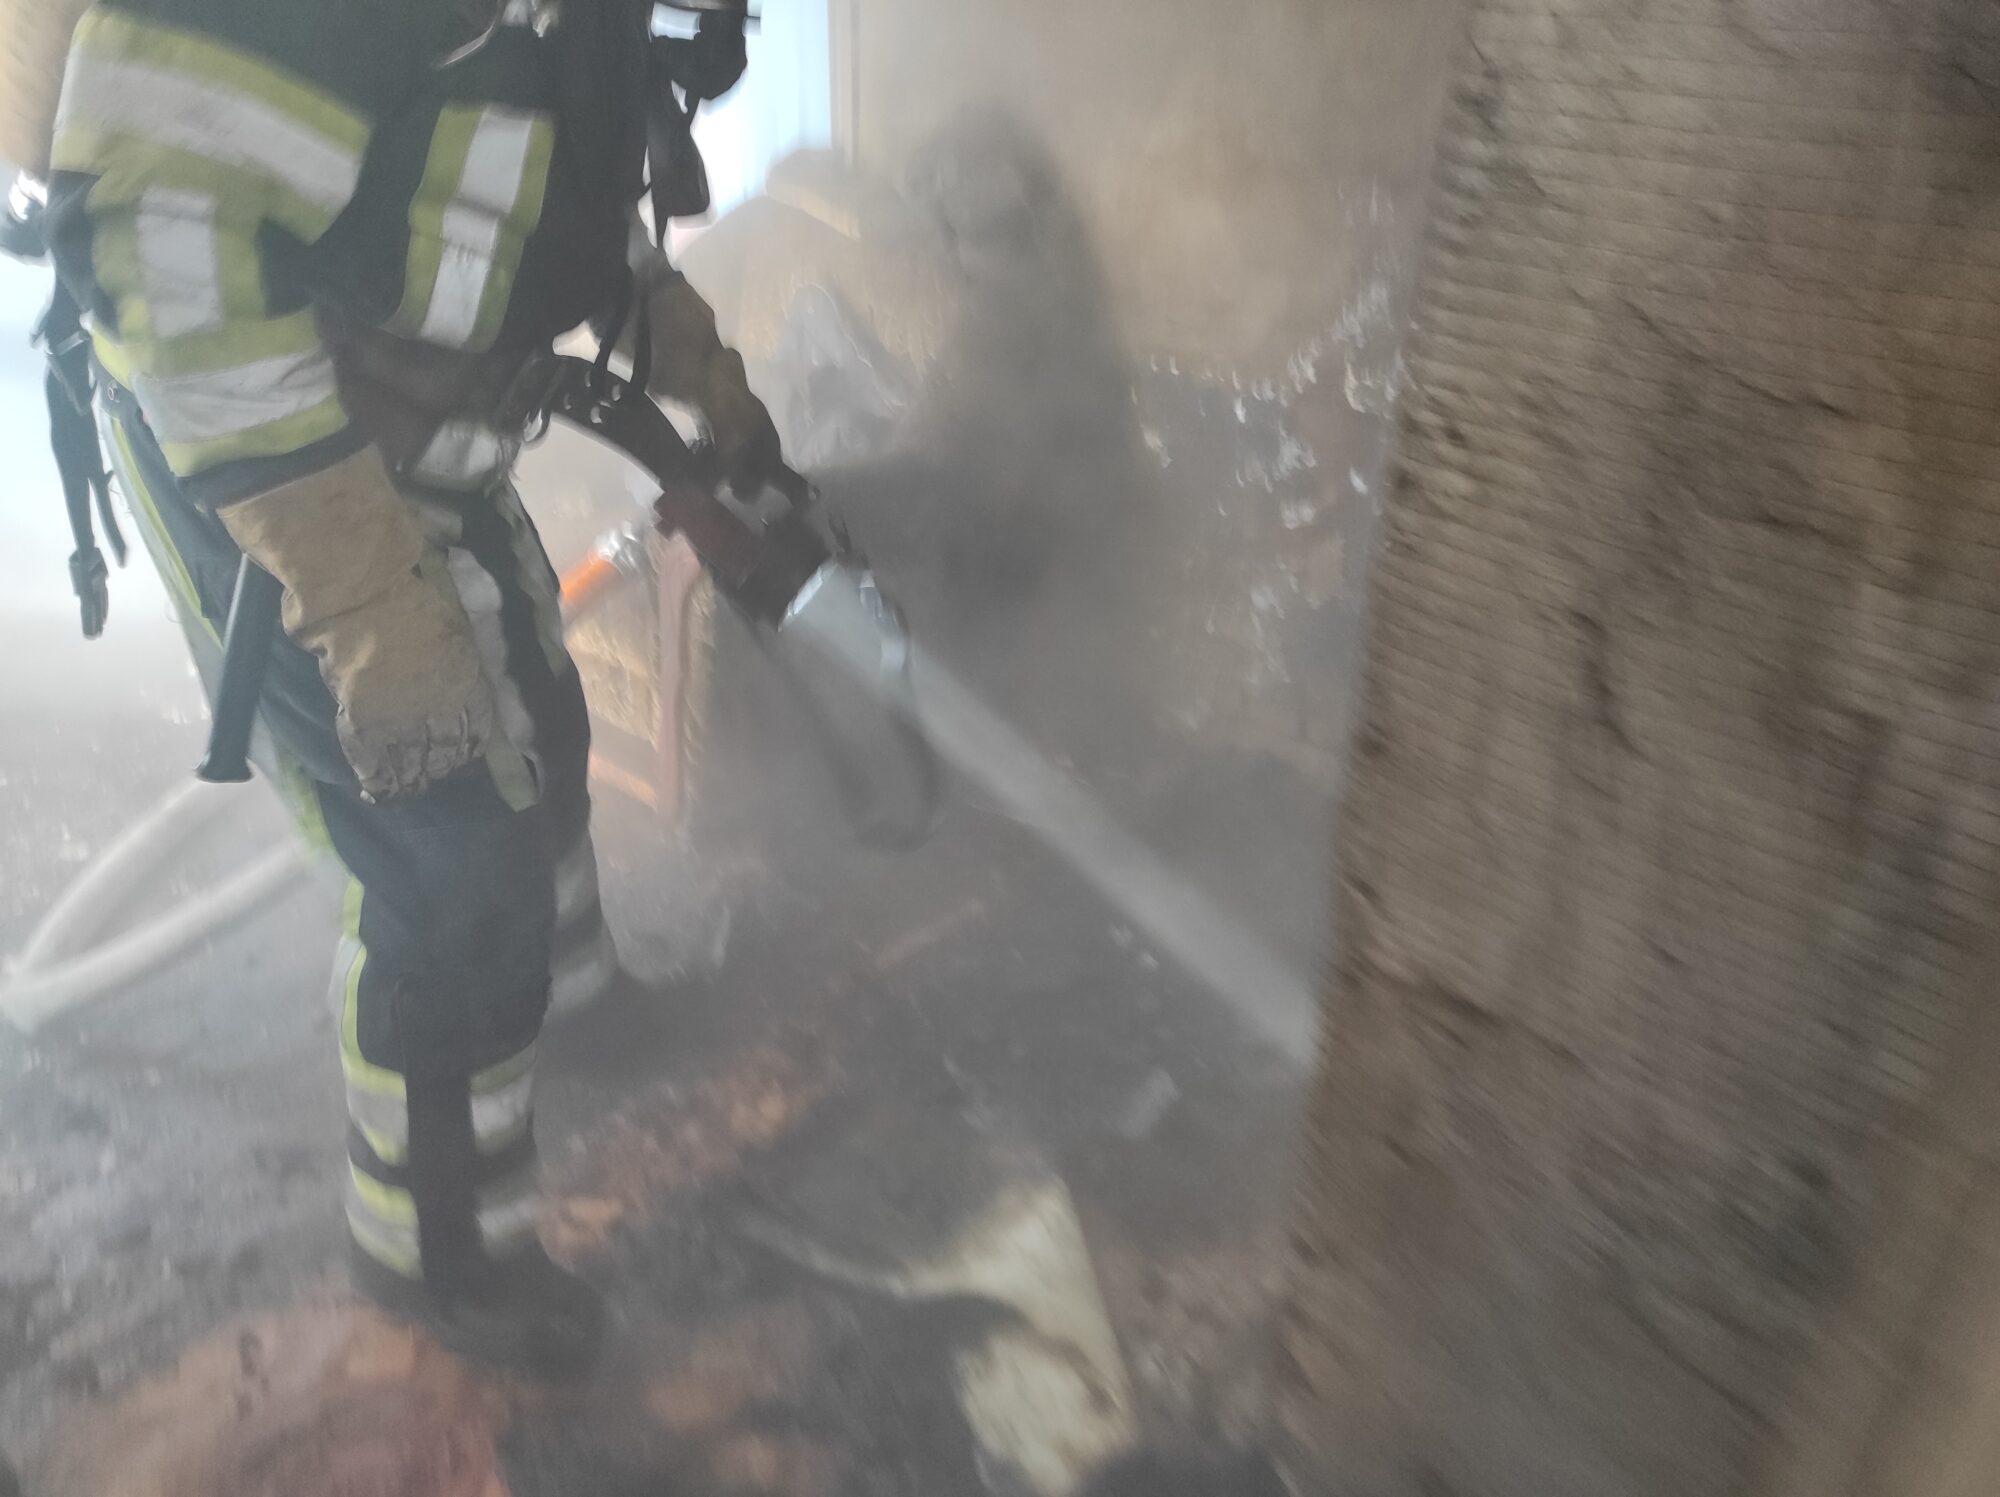 На Білоцерківщині спалахнув  приватний будинок - загорання житлового будинку, вогнеборці - IMG 20210219 093734 2000x1497